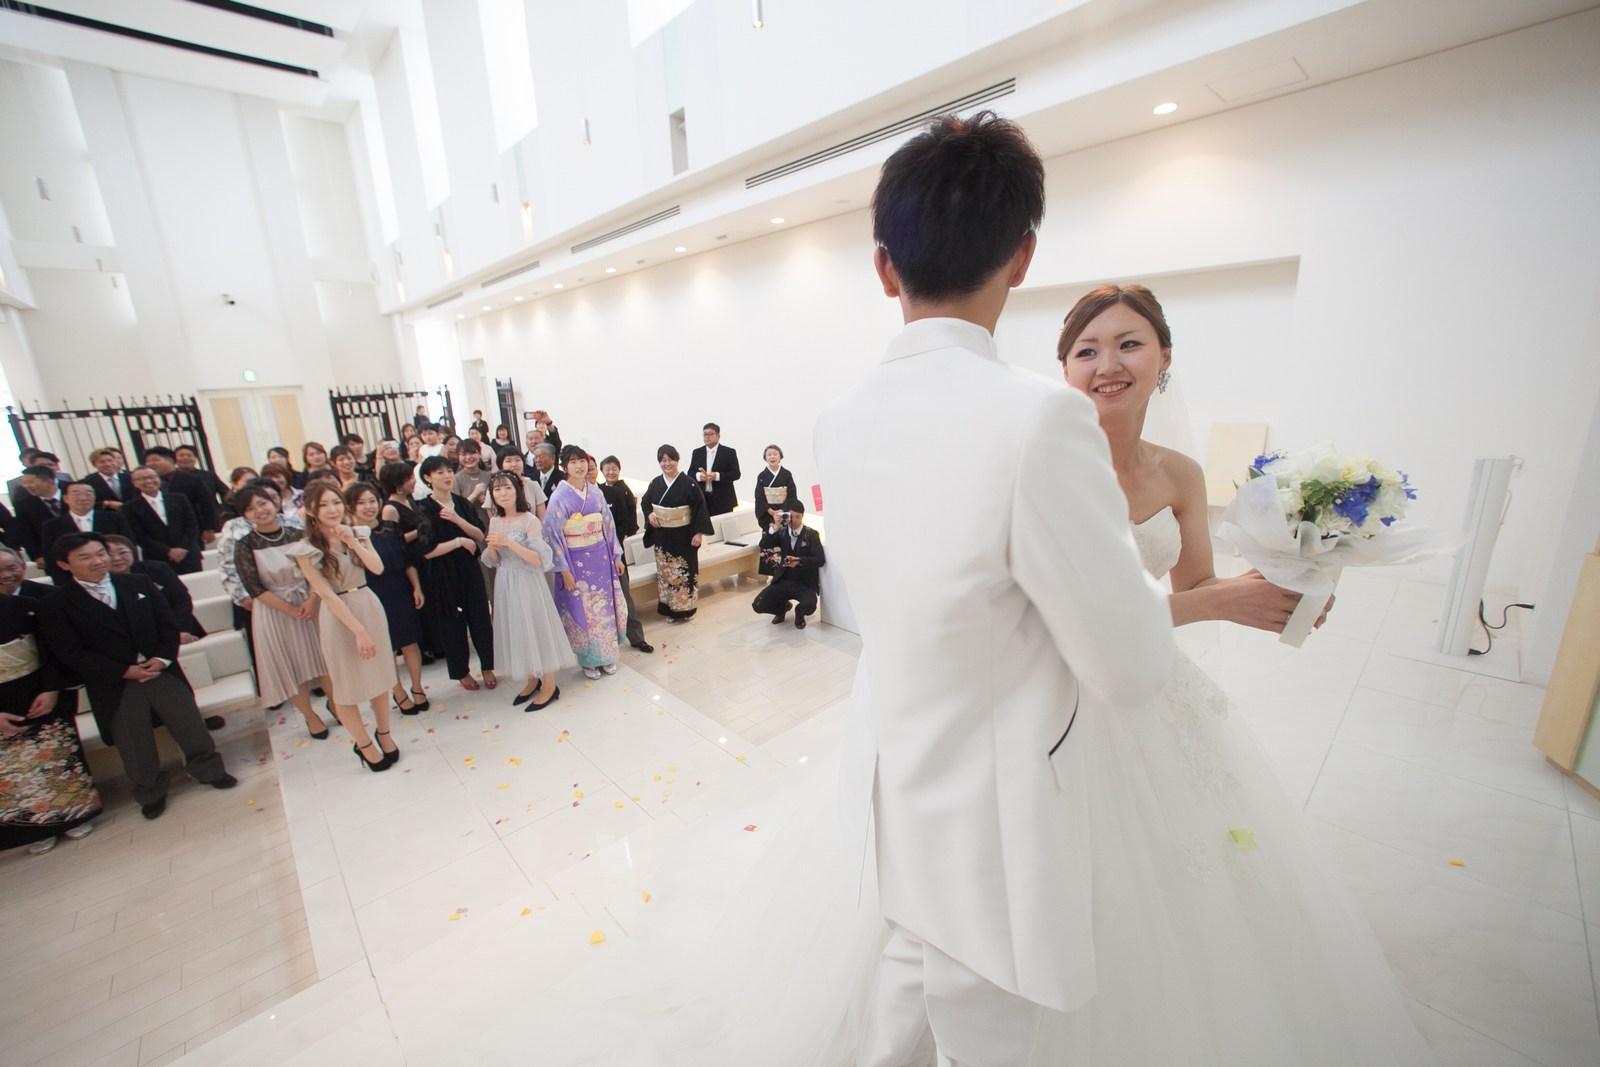 徳島市の結婚式場ブランアンジュでチャペル内でのセレモニー